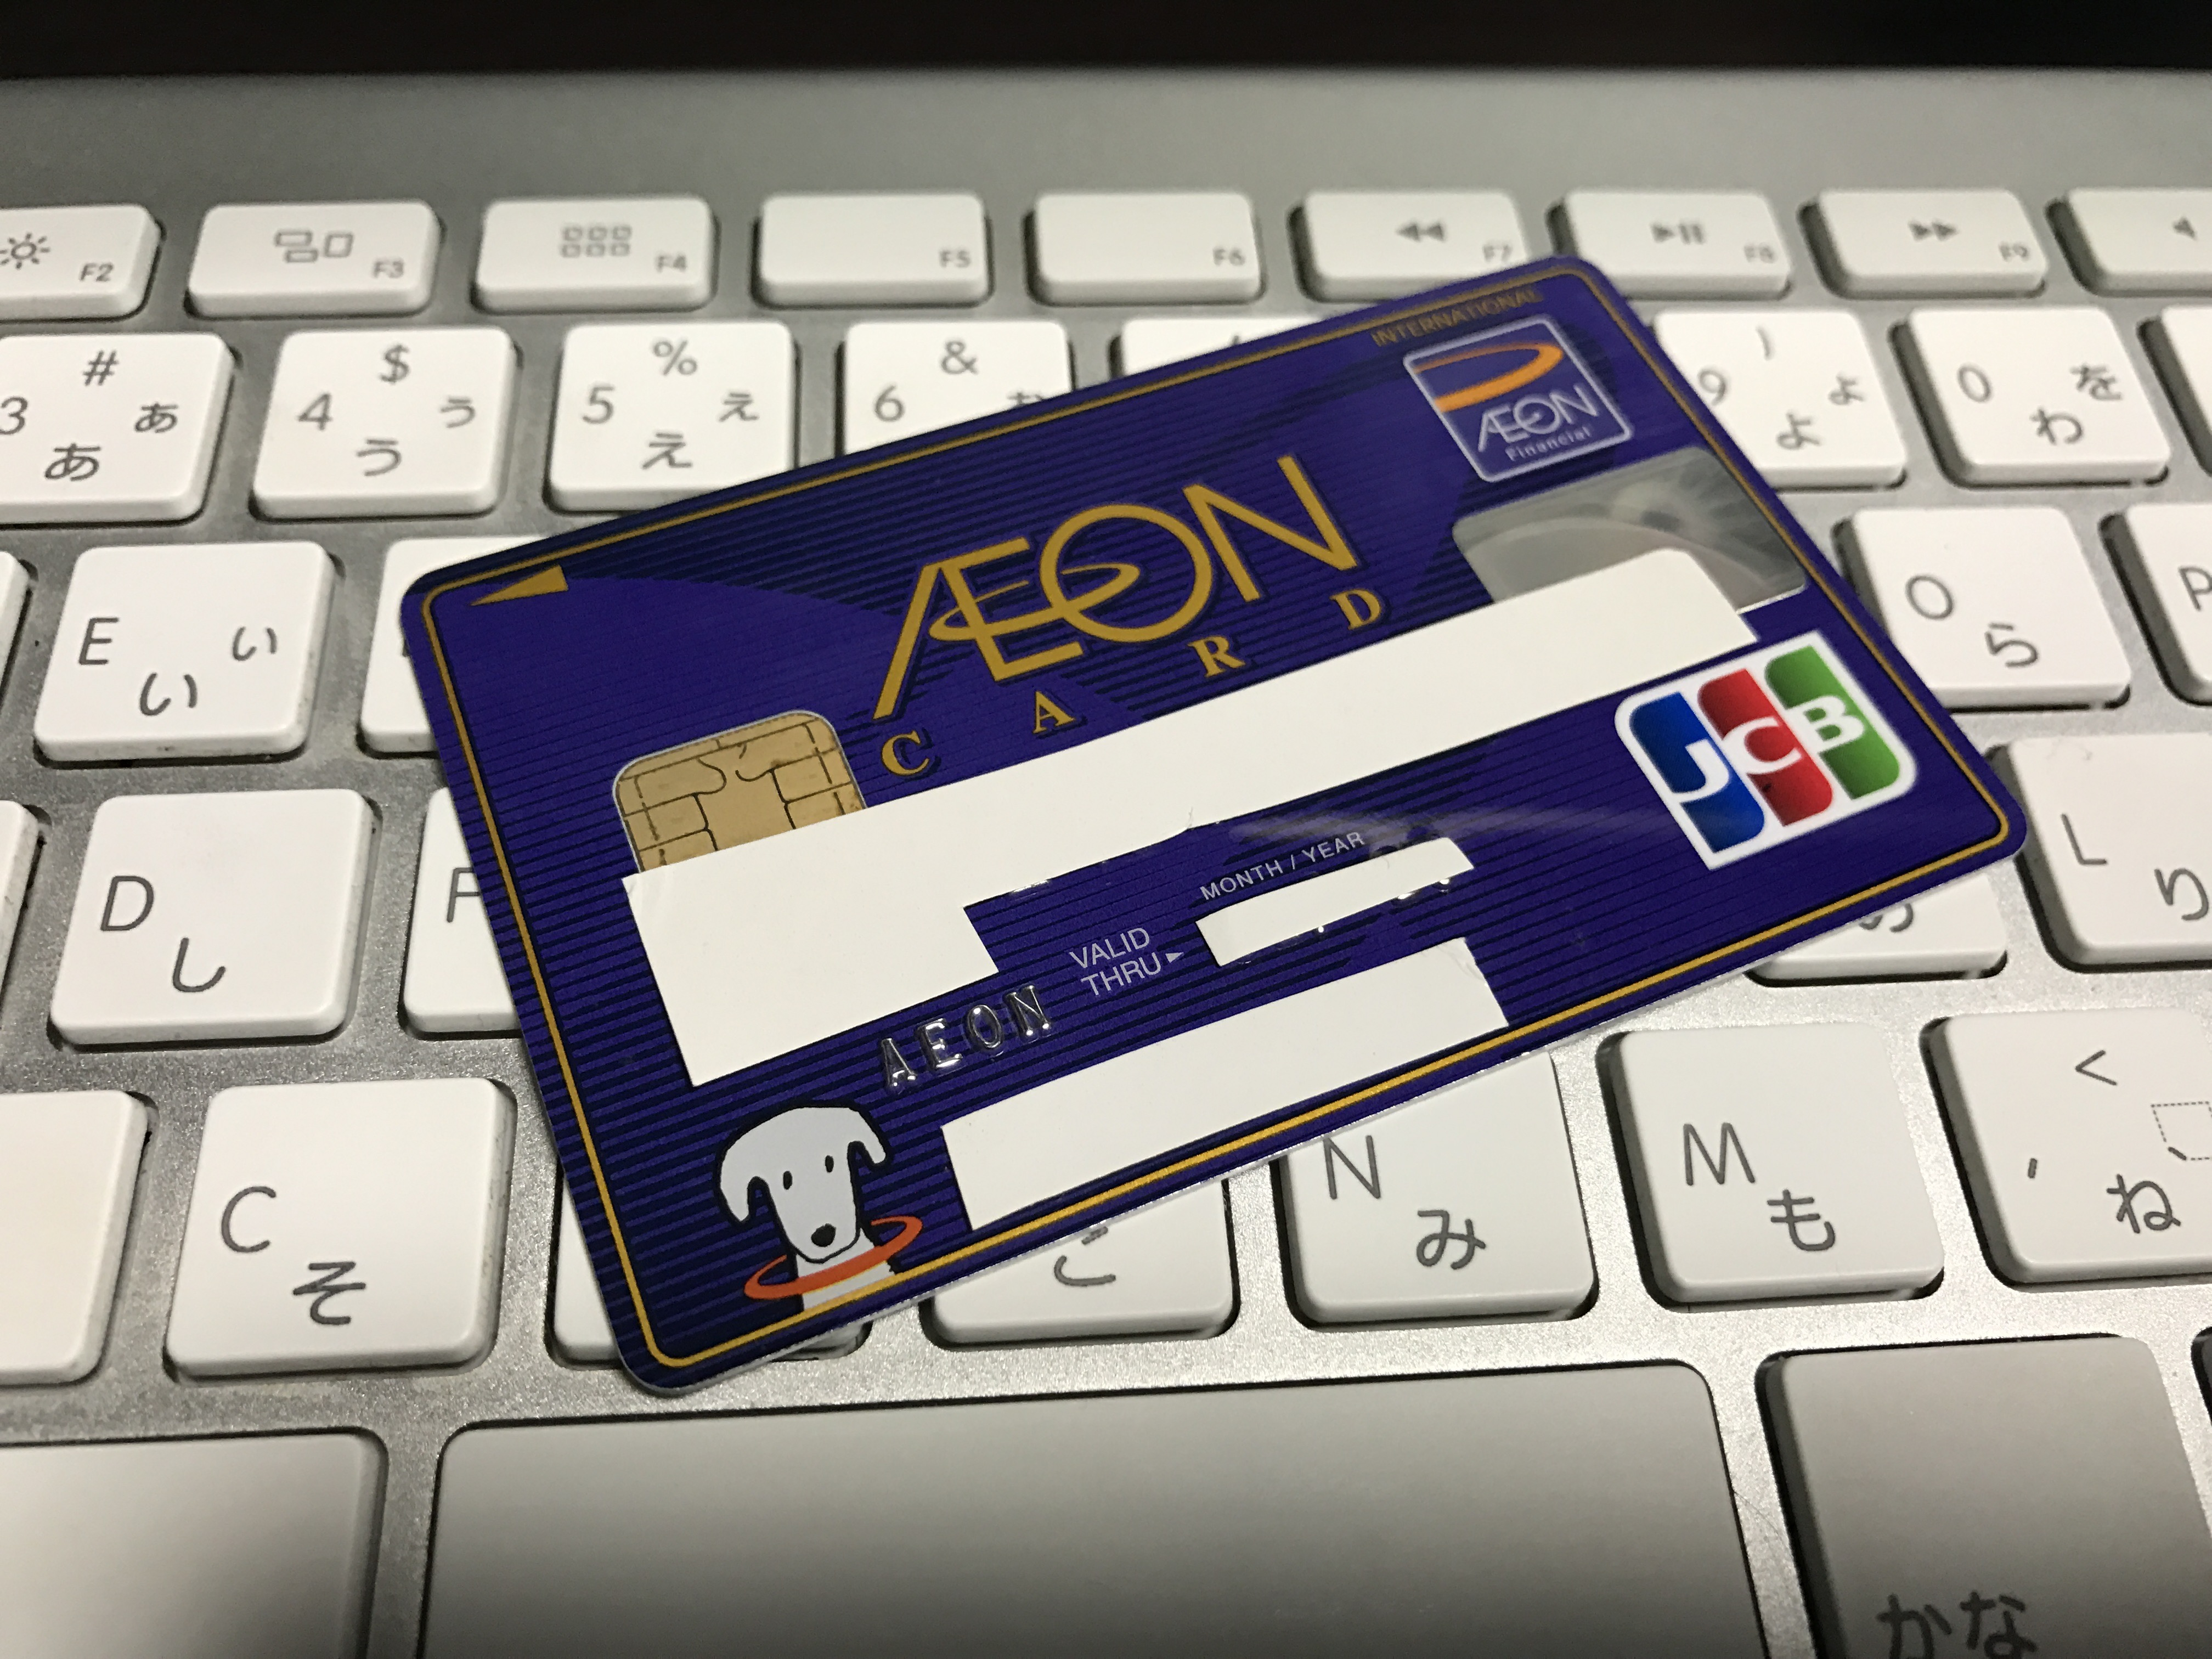 イオンカード 1.1.1